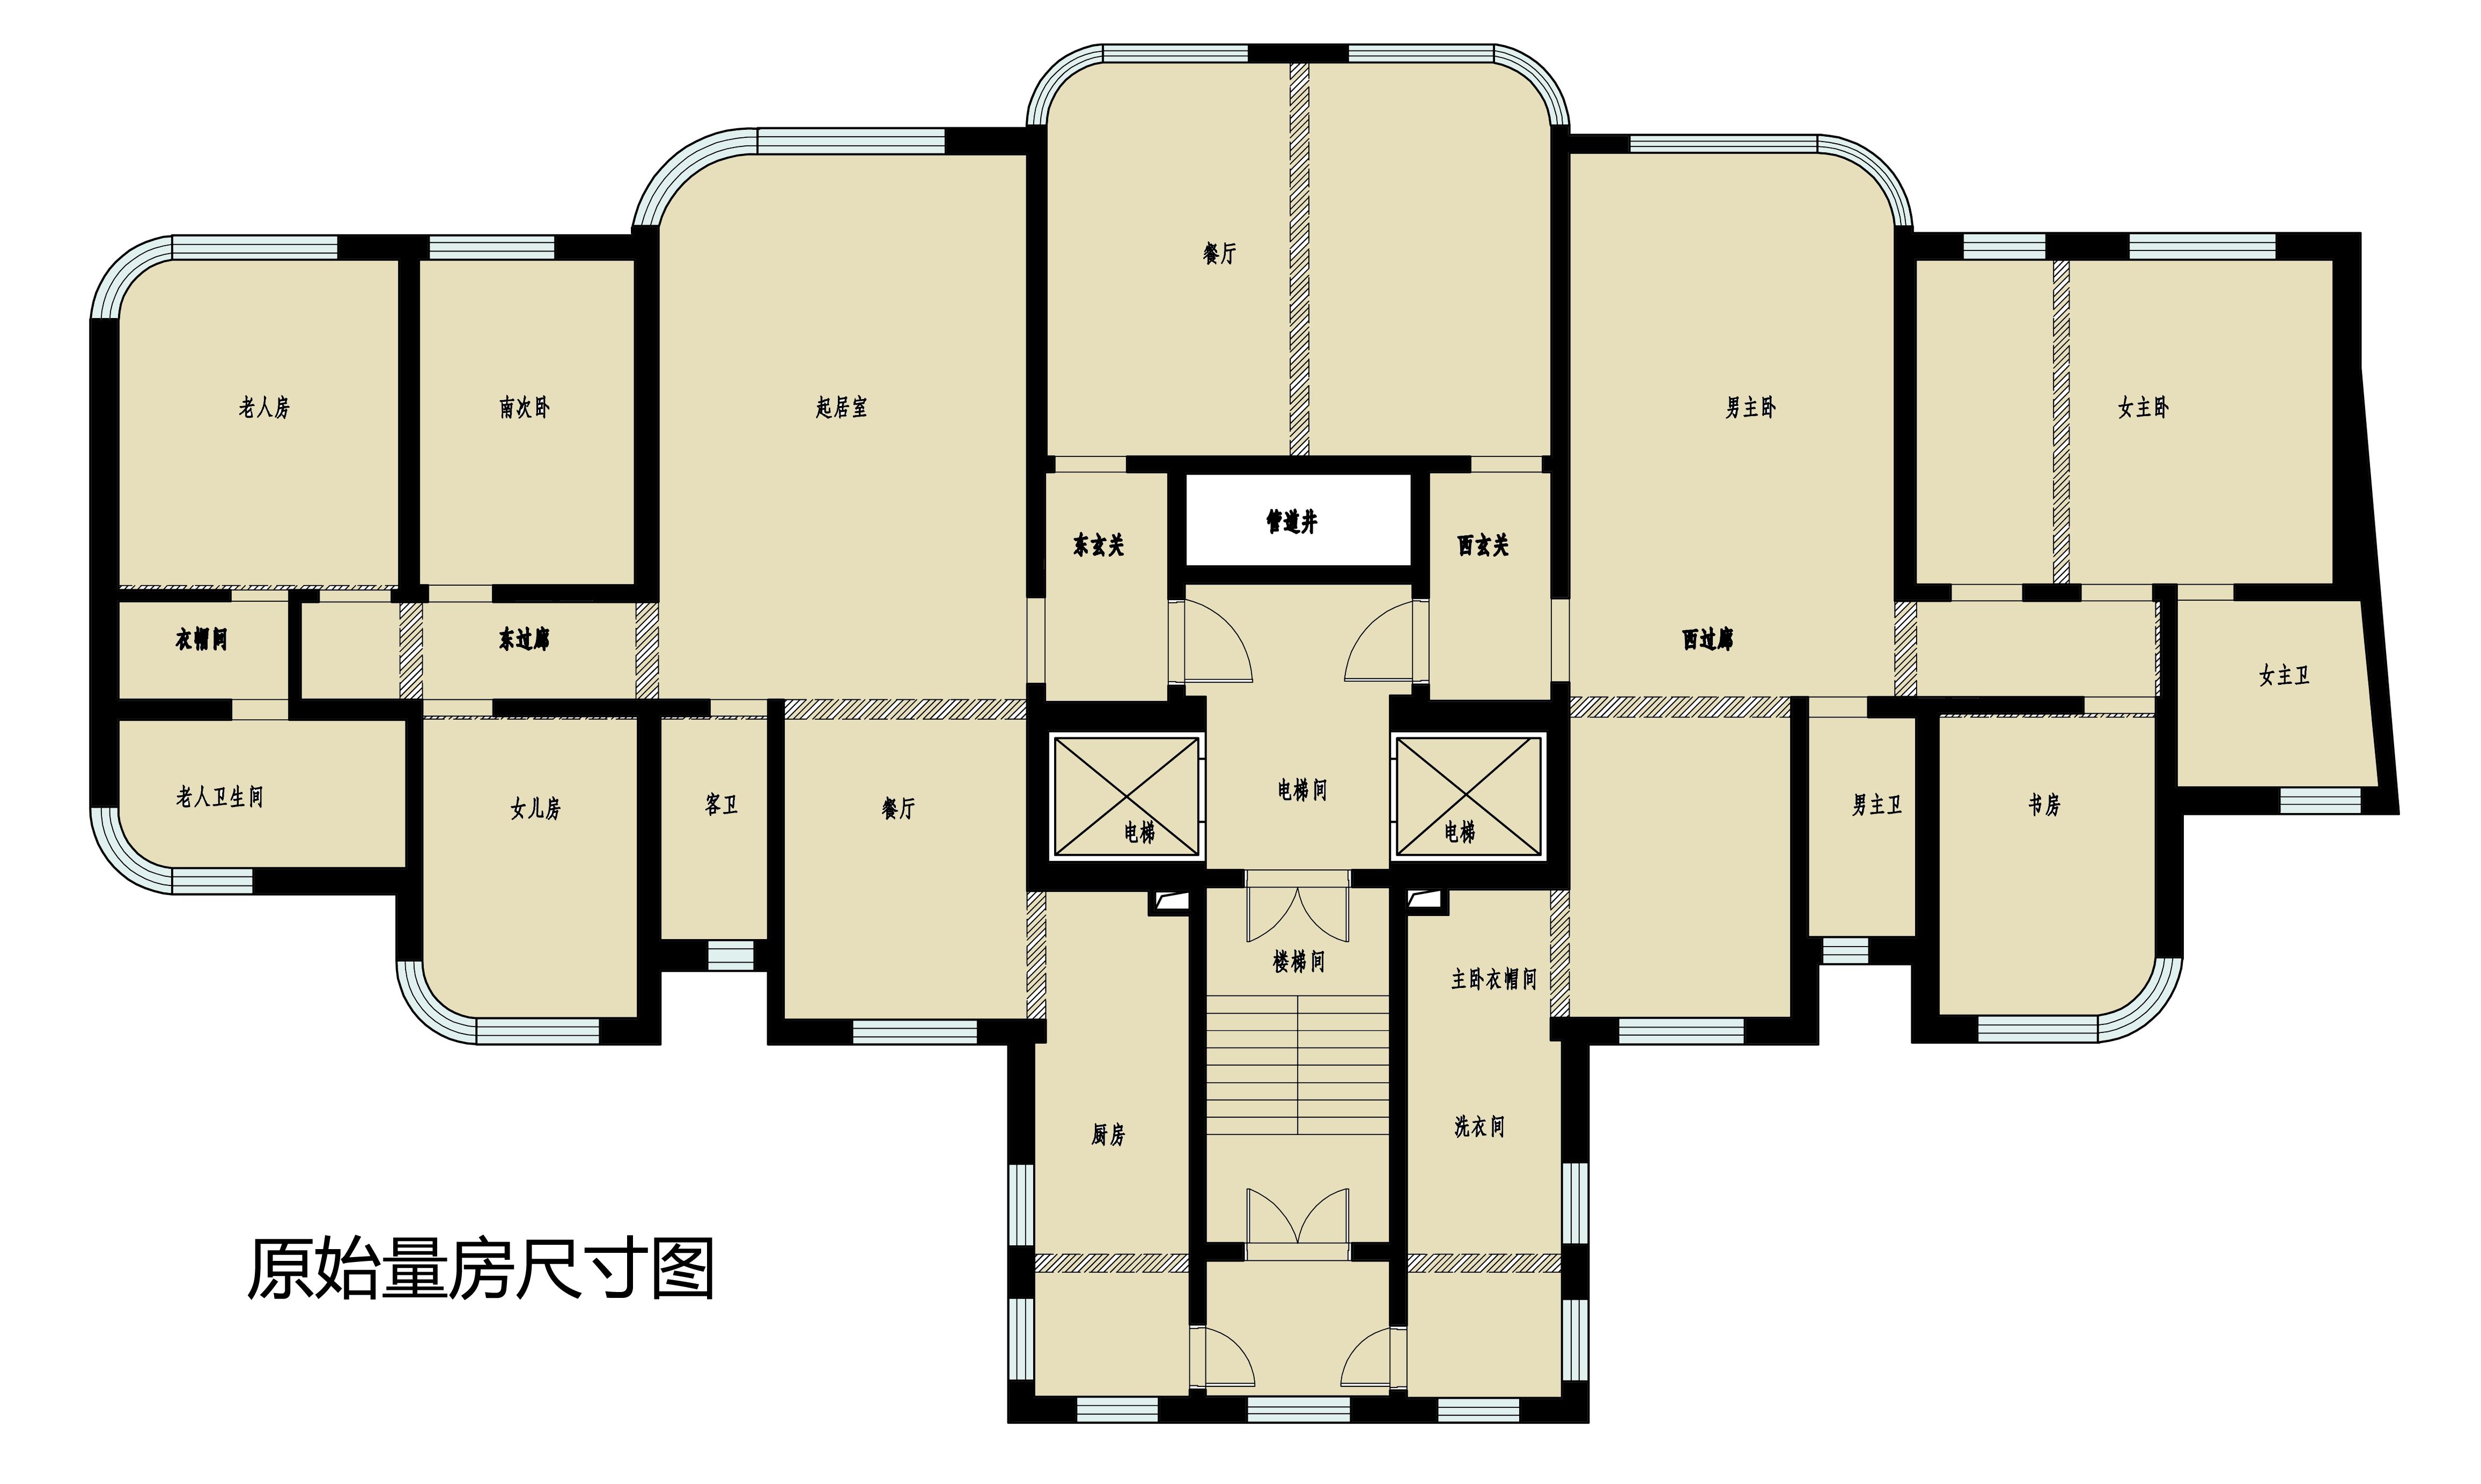 明秀庄园-法式-400平装修设计理念